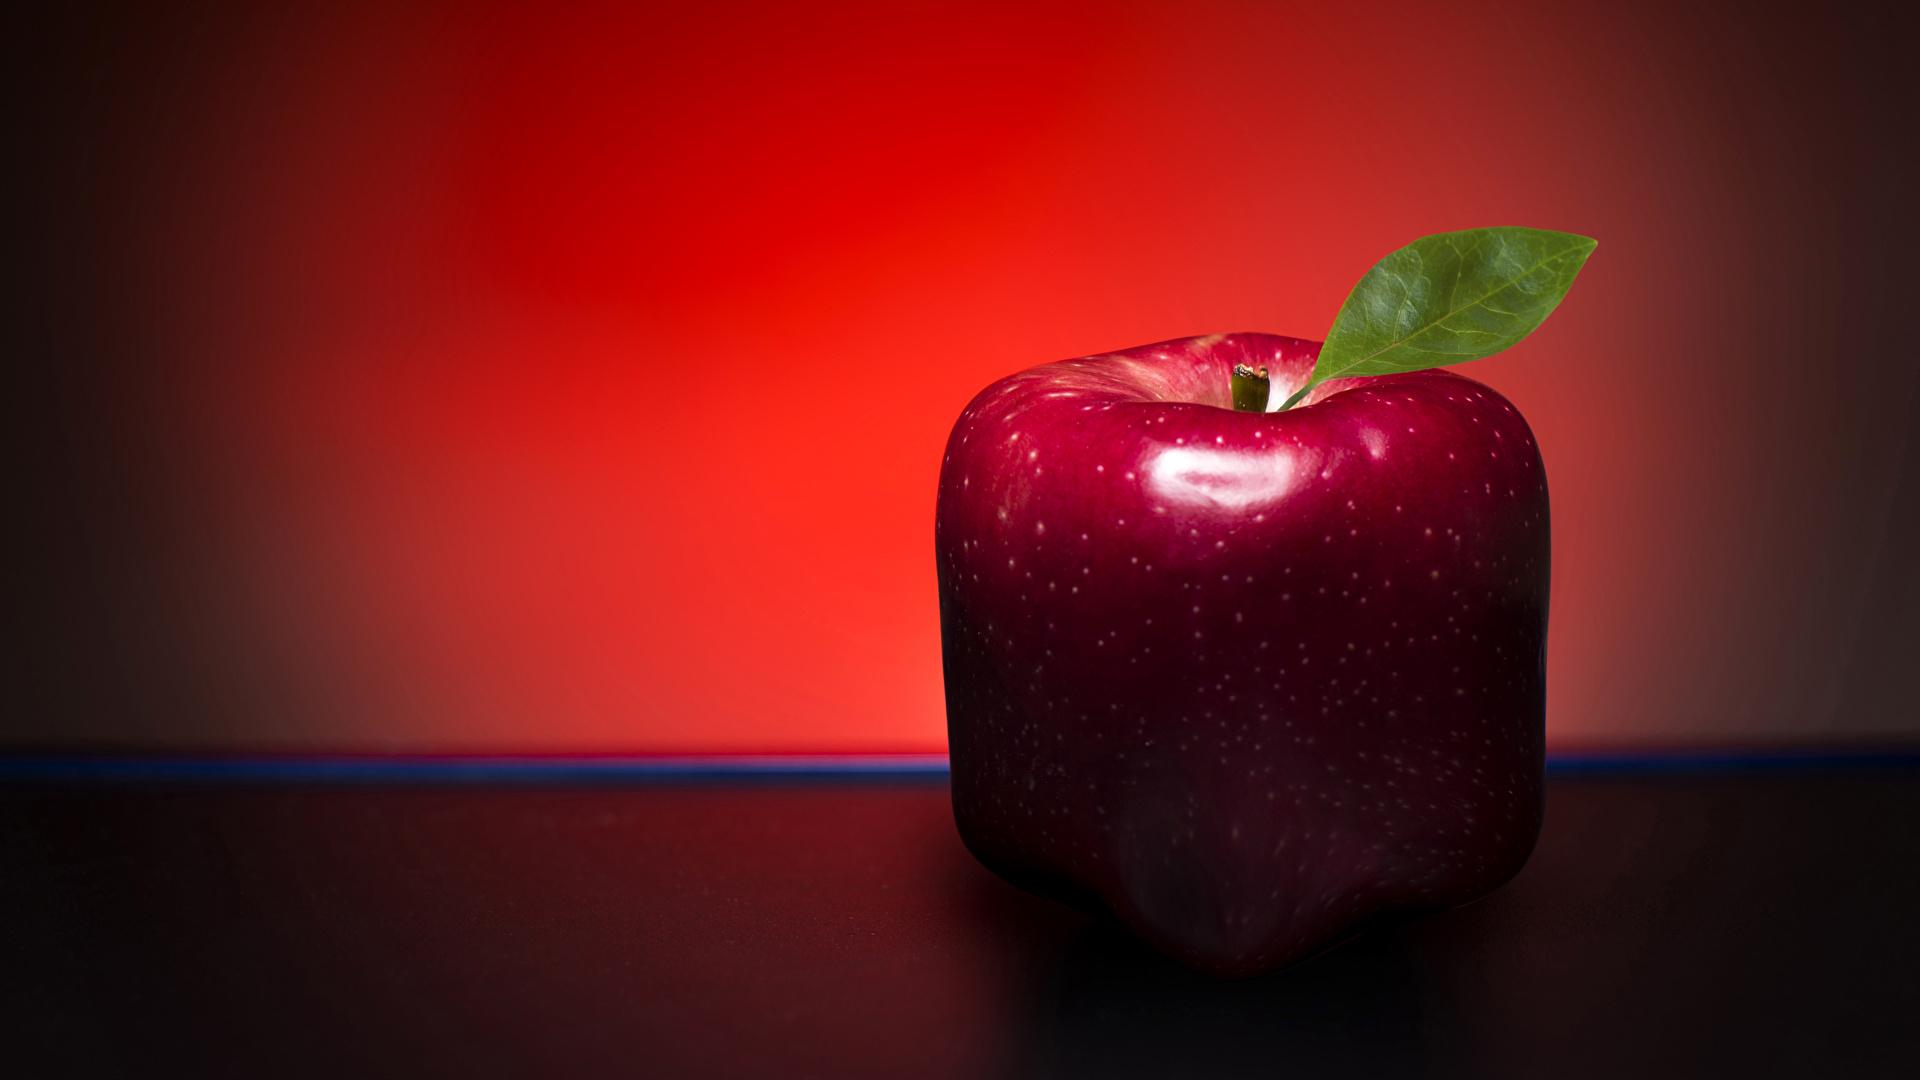 Обои для рабочего стола красная Яблоки оригинальные Пища Крупным планом 1920x1080 красных красные Красный Креатив креативные Еда Продукты питания вблизи